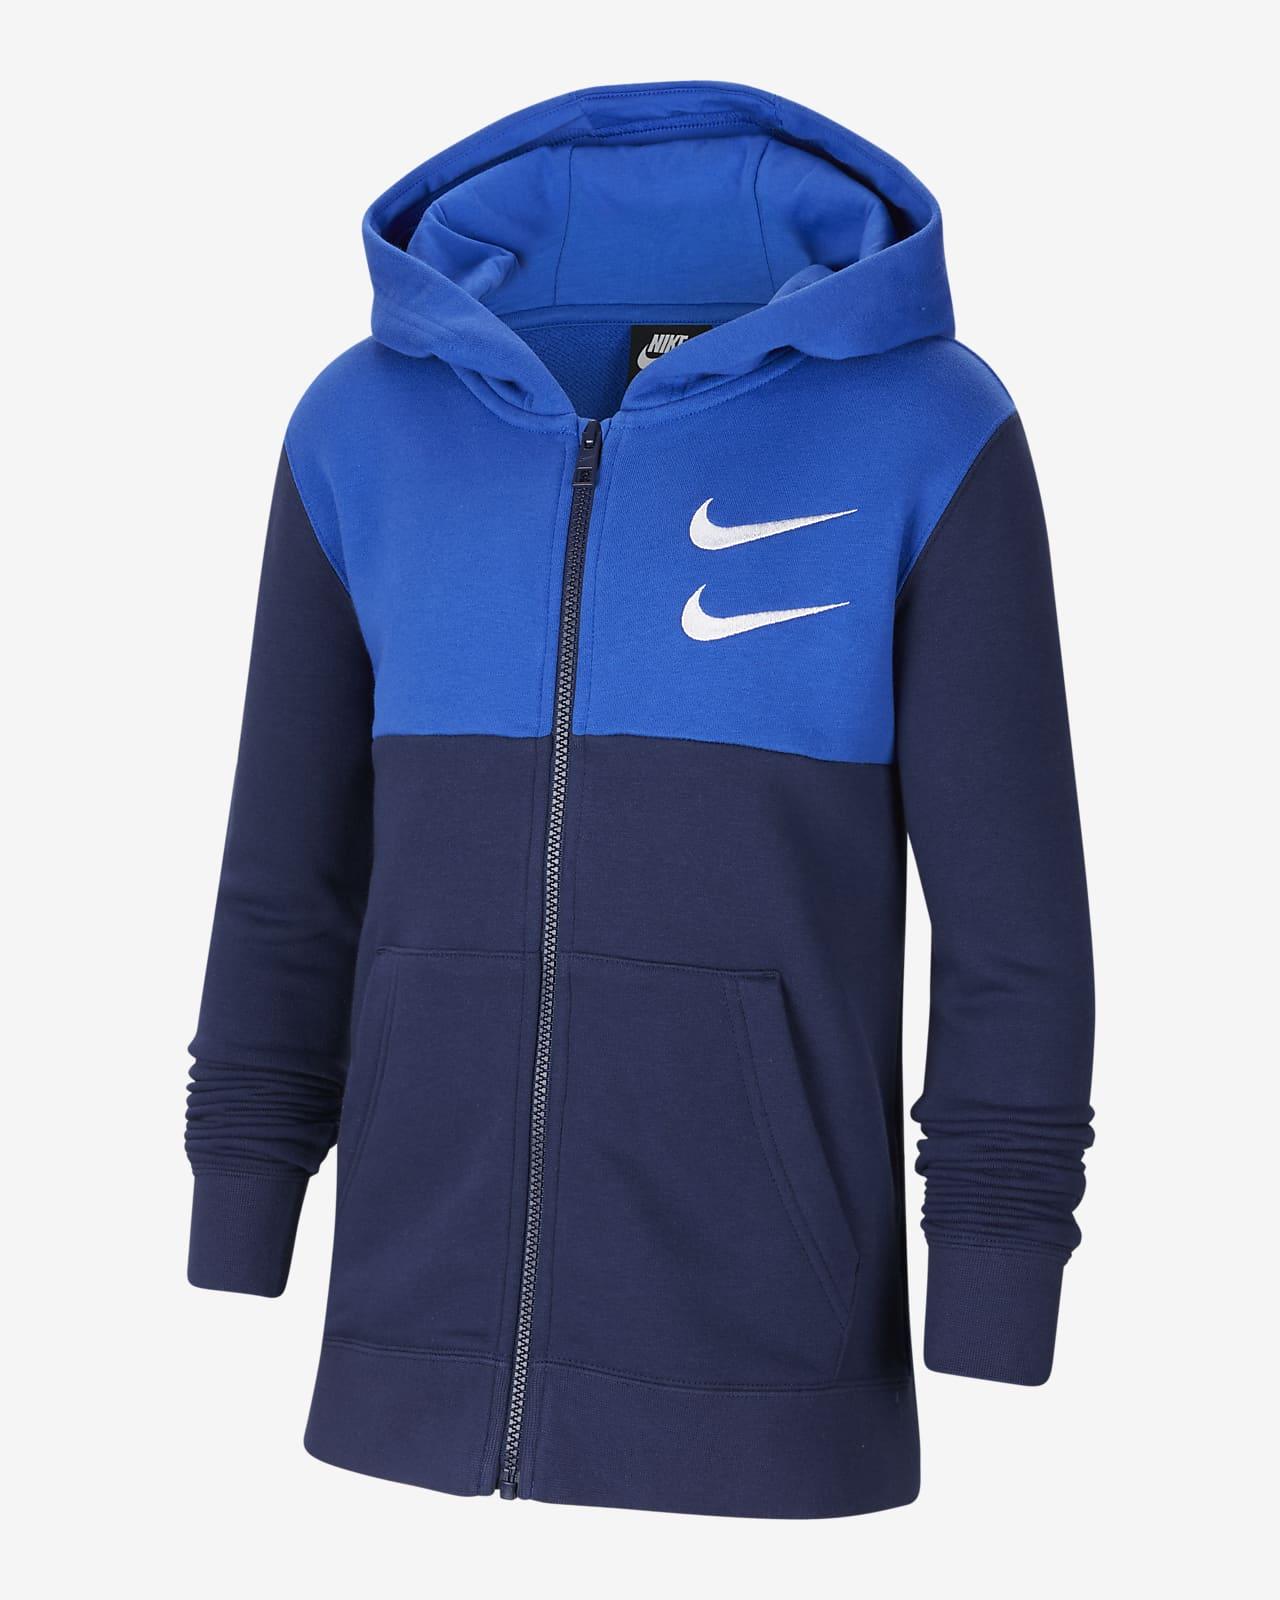 Nike Sportswear Swoosh Sudadera con capucha con cremallera completa - Niño